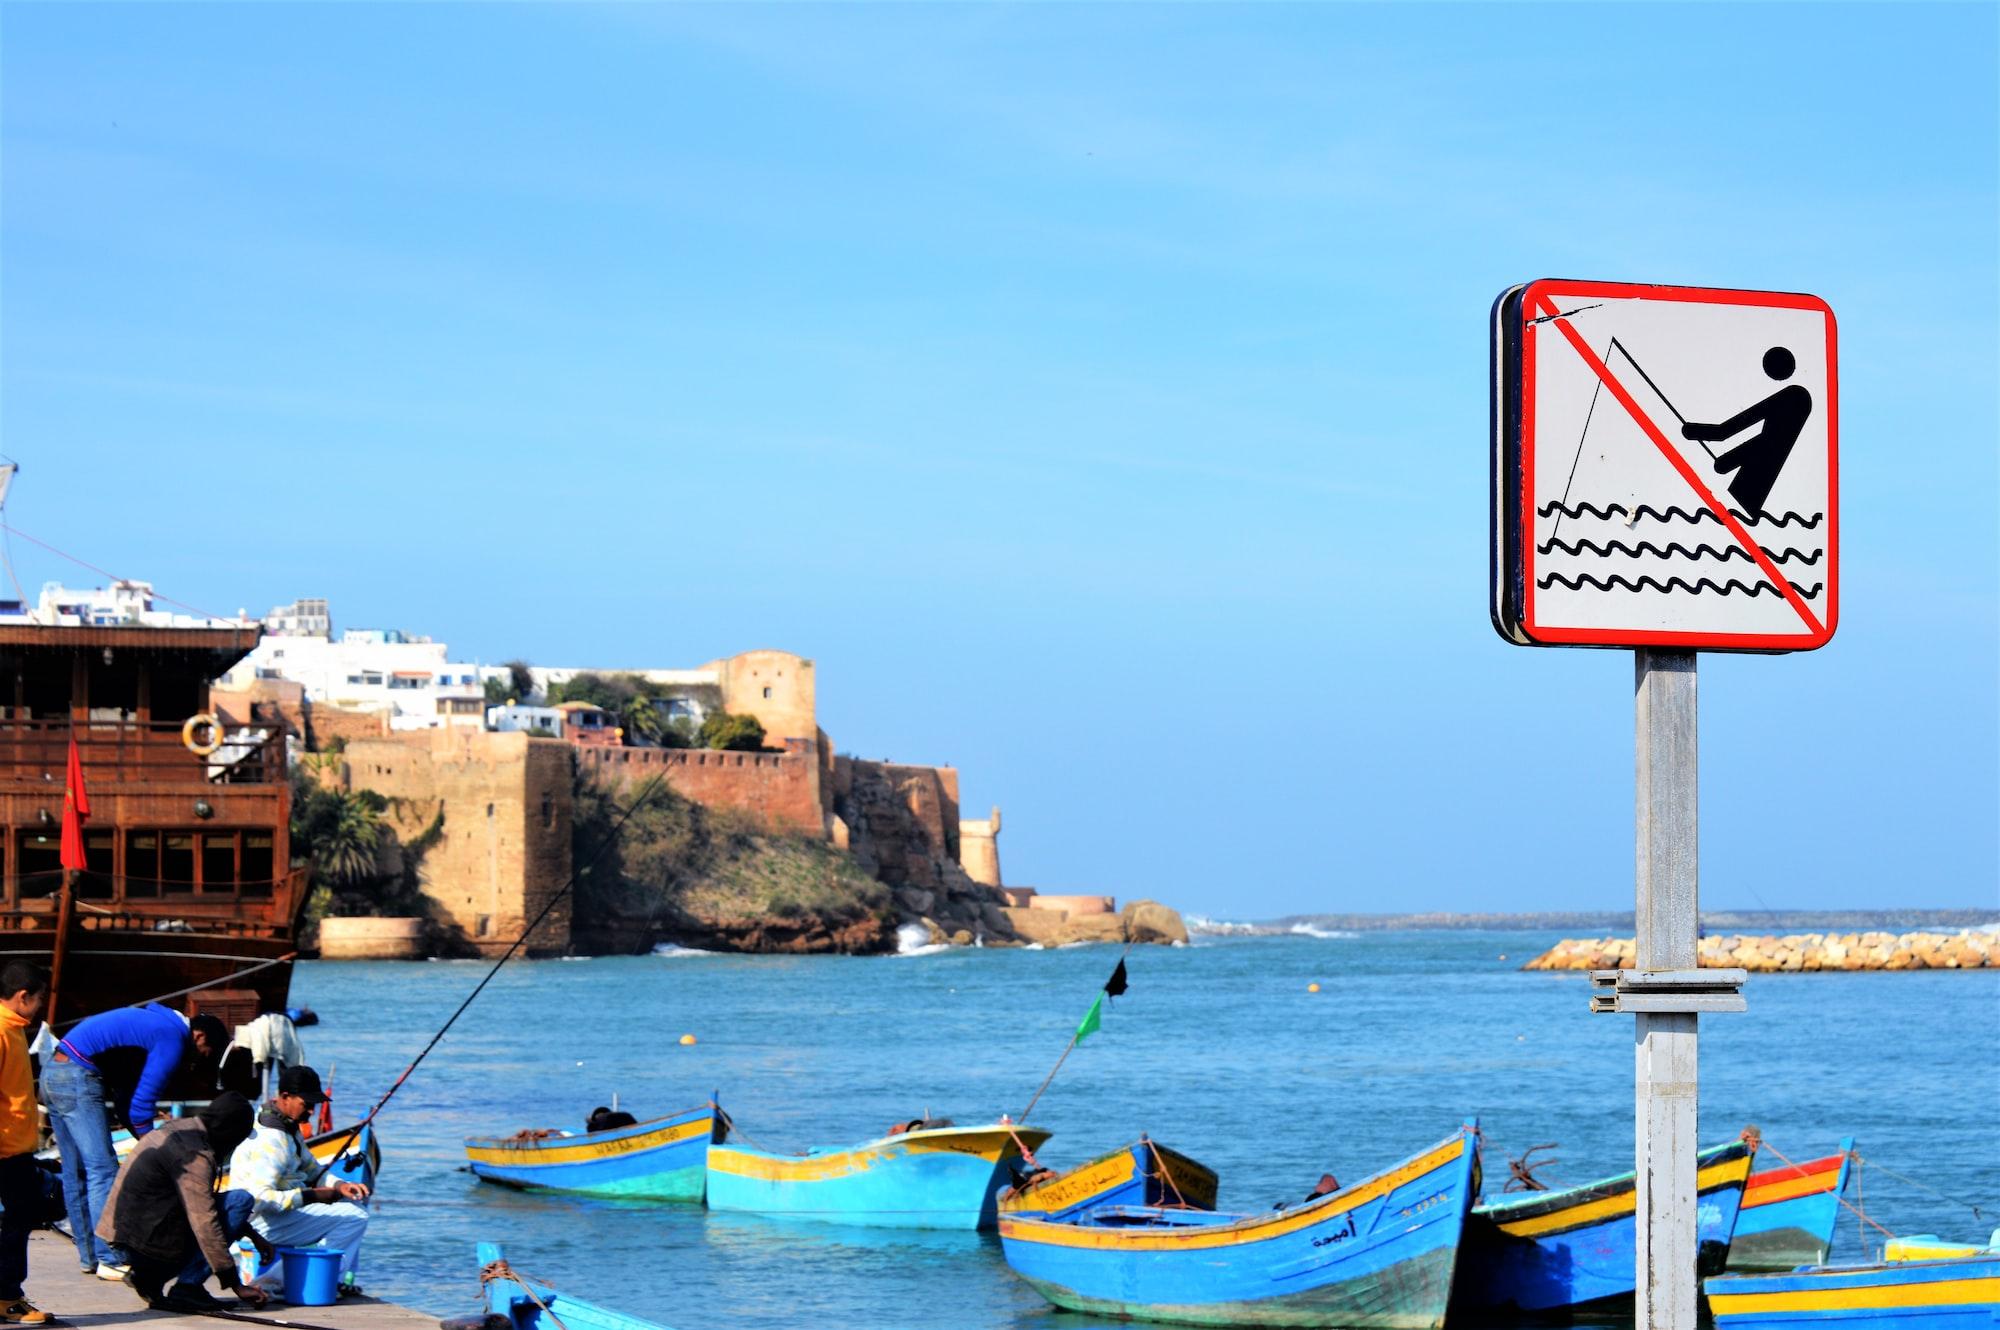 Sem pesca ... Sem problemas.  Esta foto foi tirada em Rabat, Marrocos